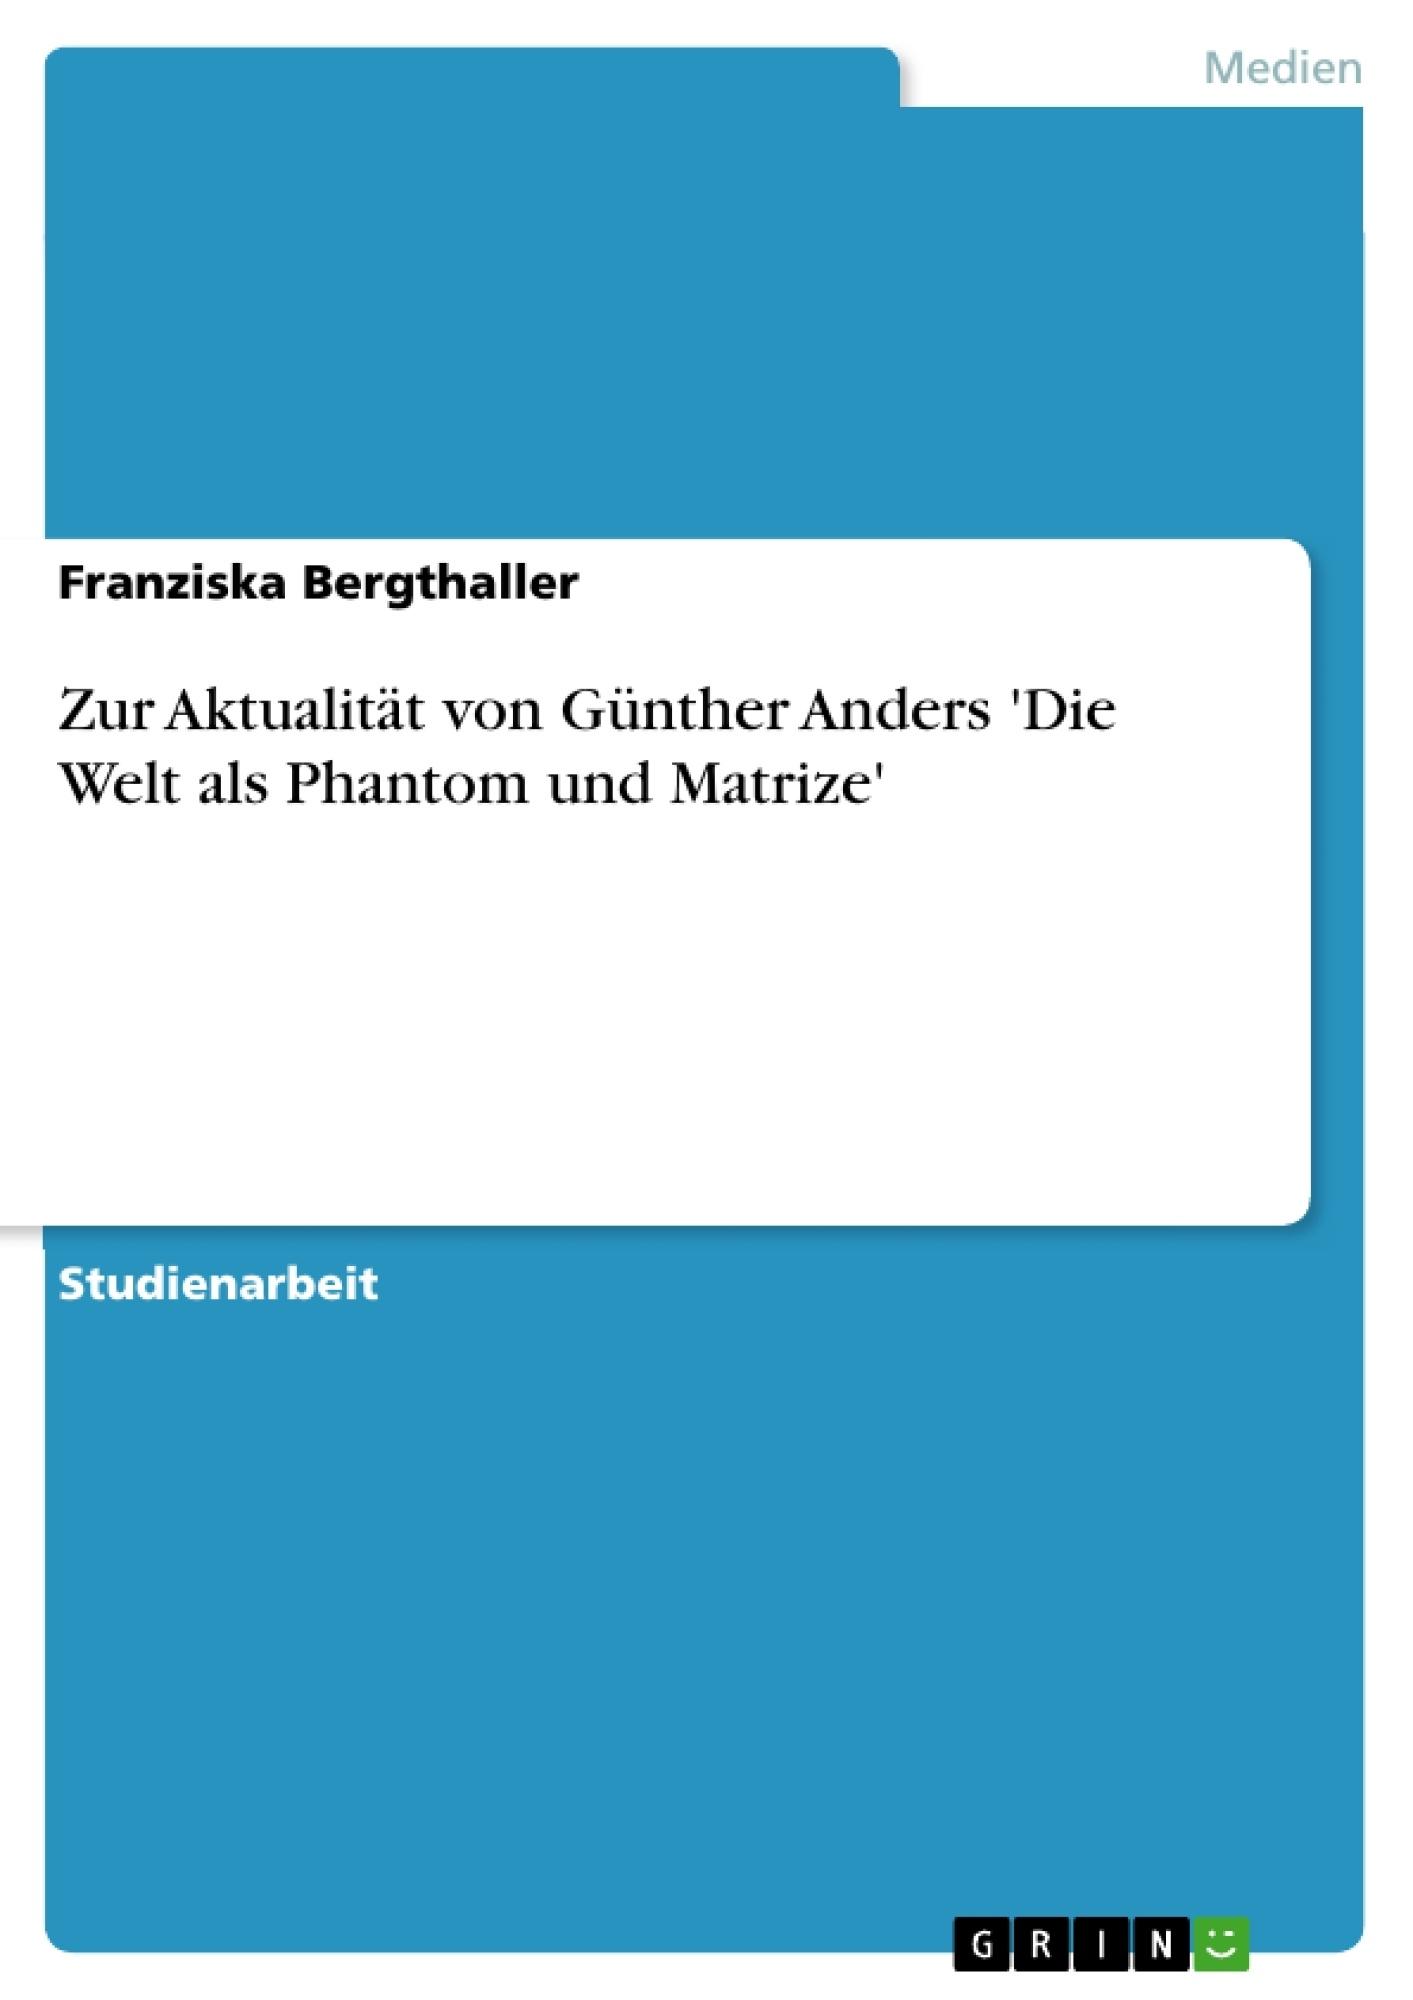 Titel: Zur Aktualität von Günther Anders 'Die Welt als Phantom und Matrize'